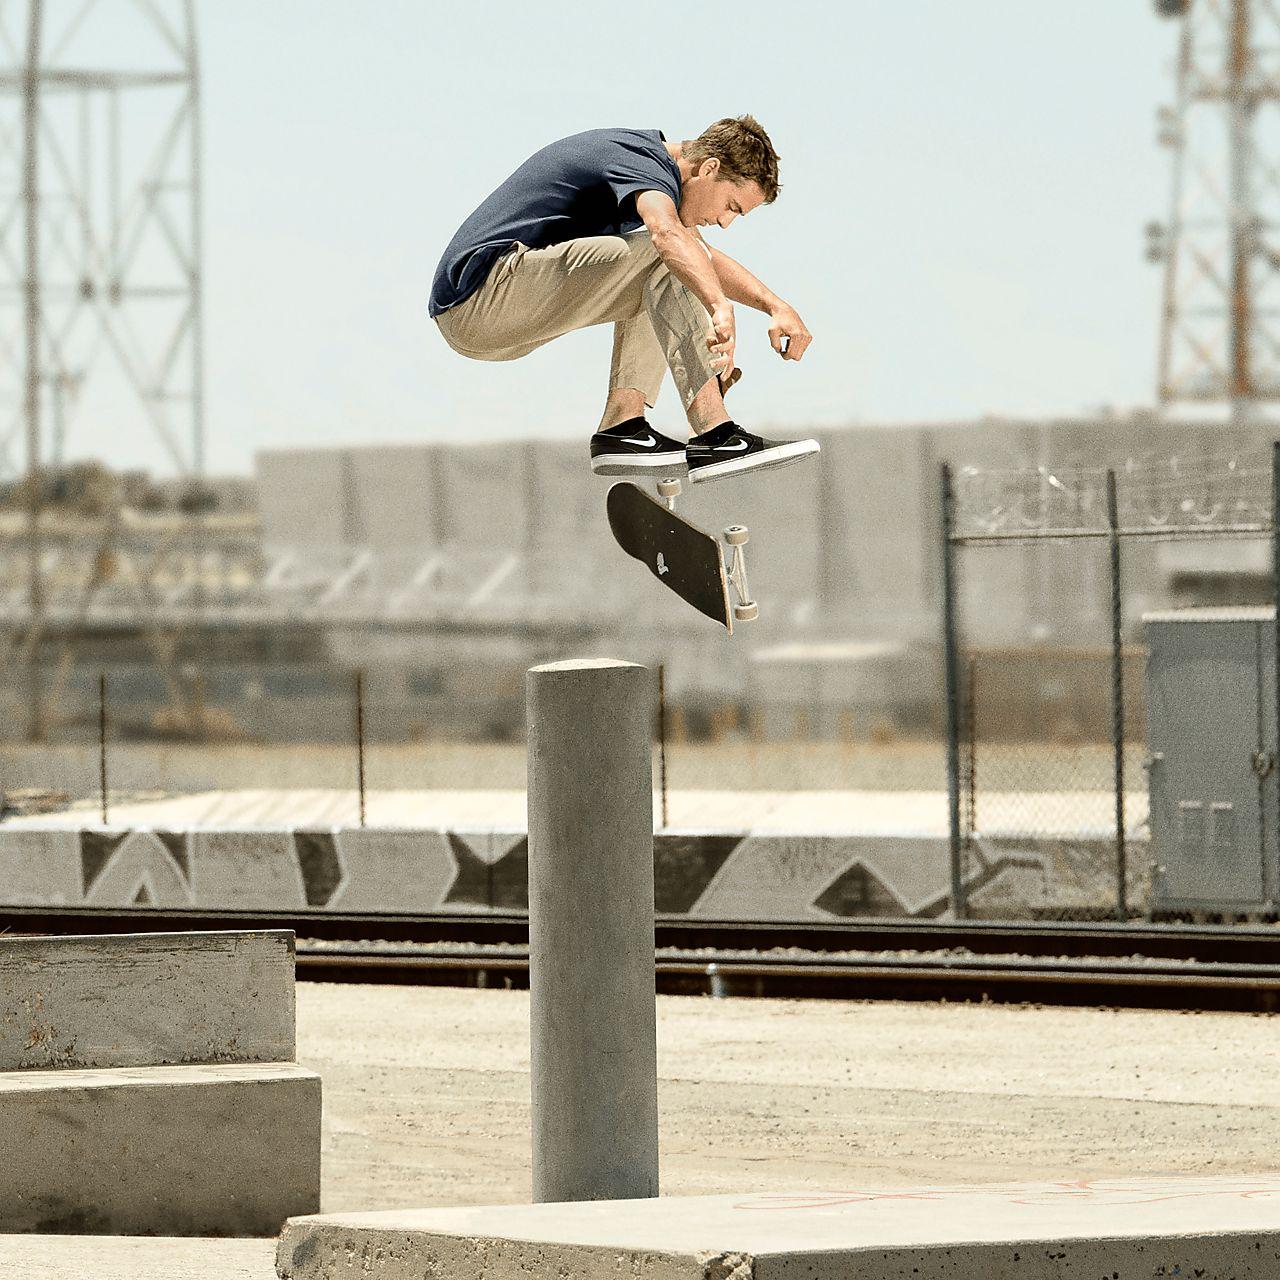 Nike Sb Zoom Stefan Janoski Og Herren Skateboarding Schuhe